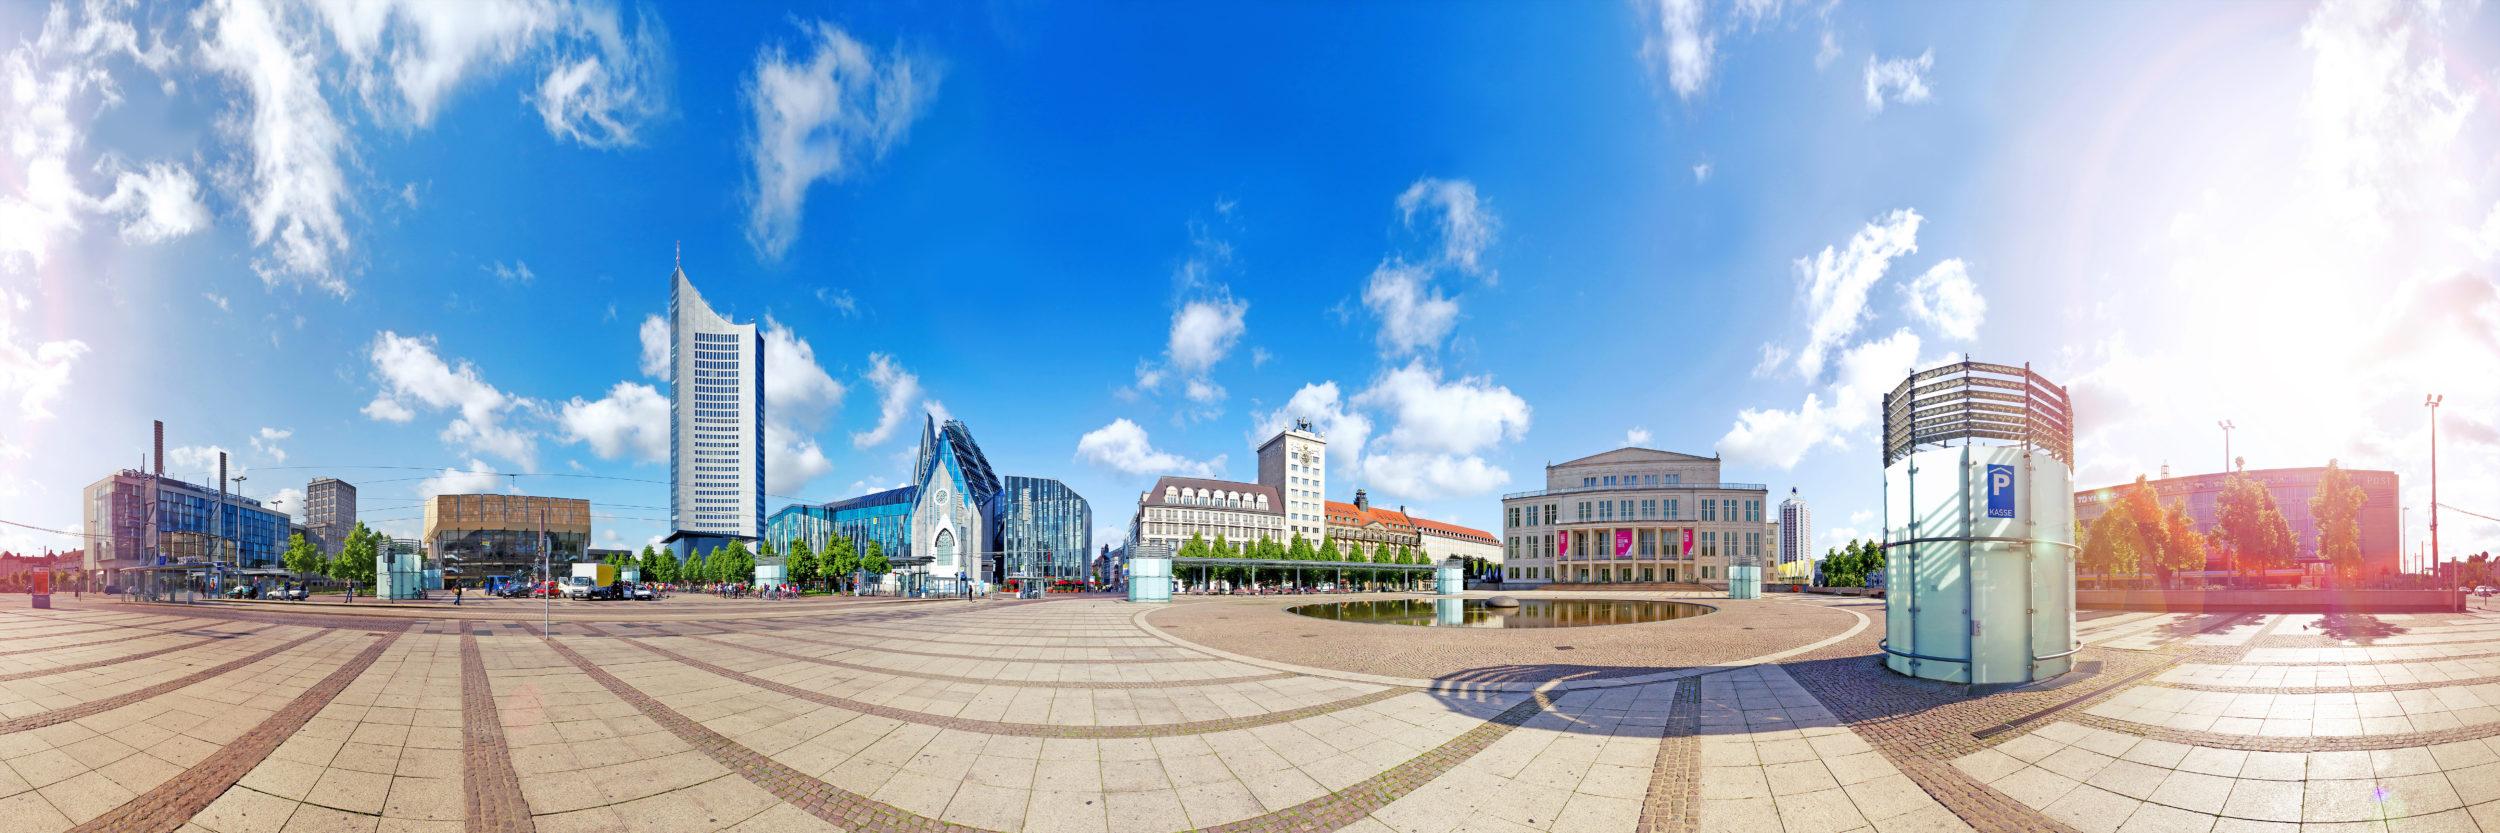 Leipzig Augustusplatz Panorama mit der Skyline des Cityhochhauses, der Oper, der Universität und Gewandhaus.